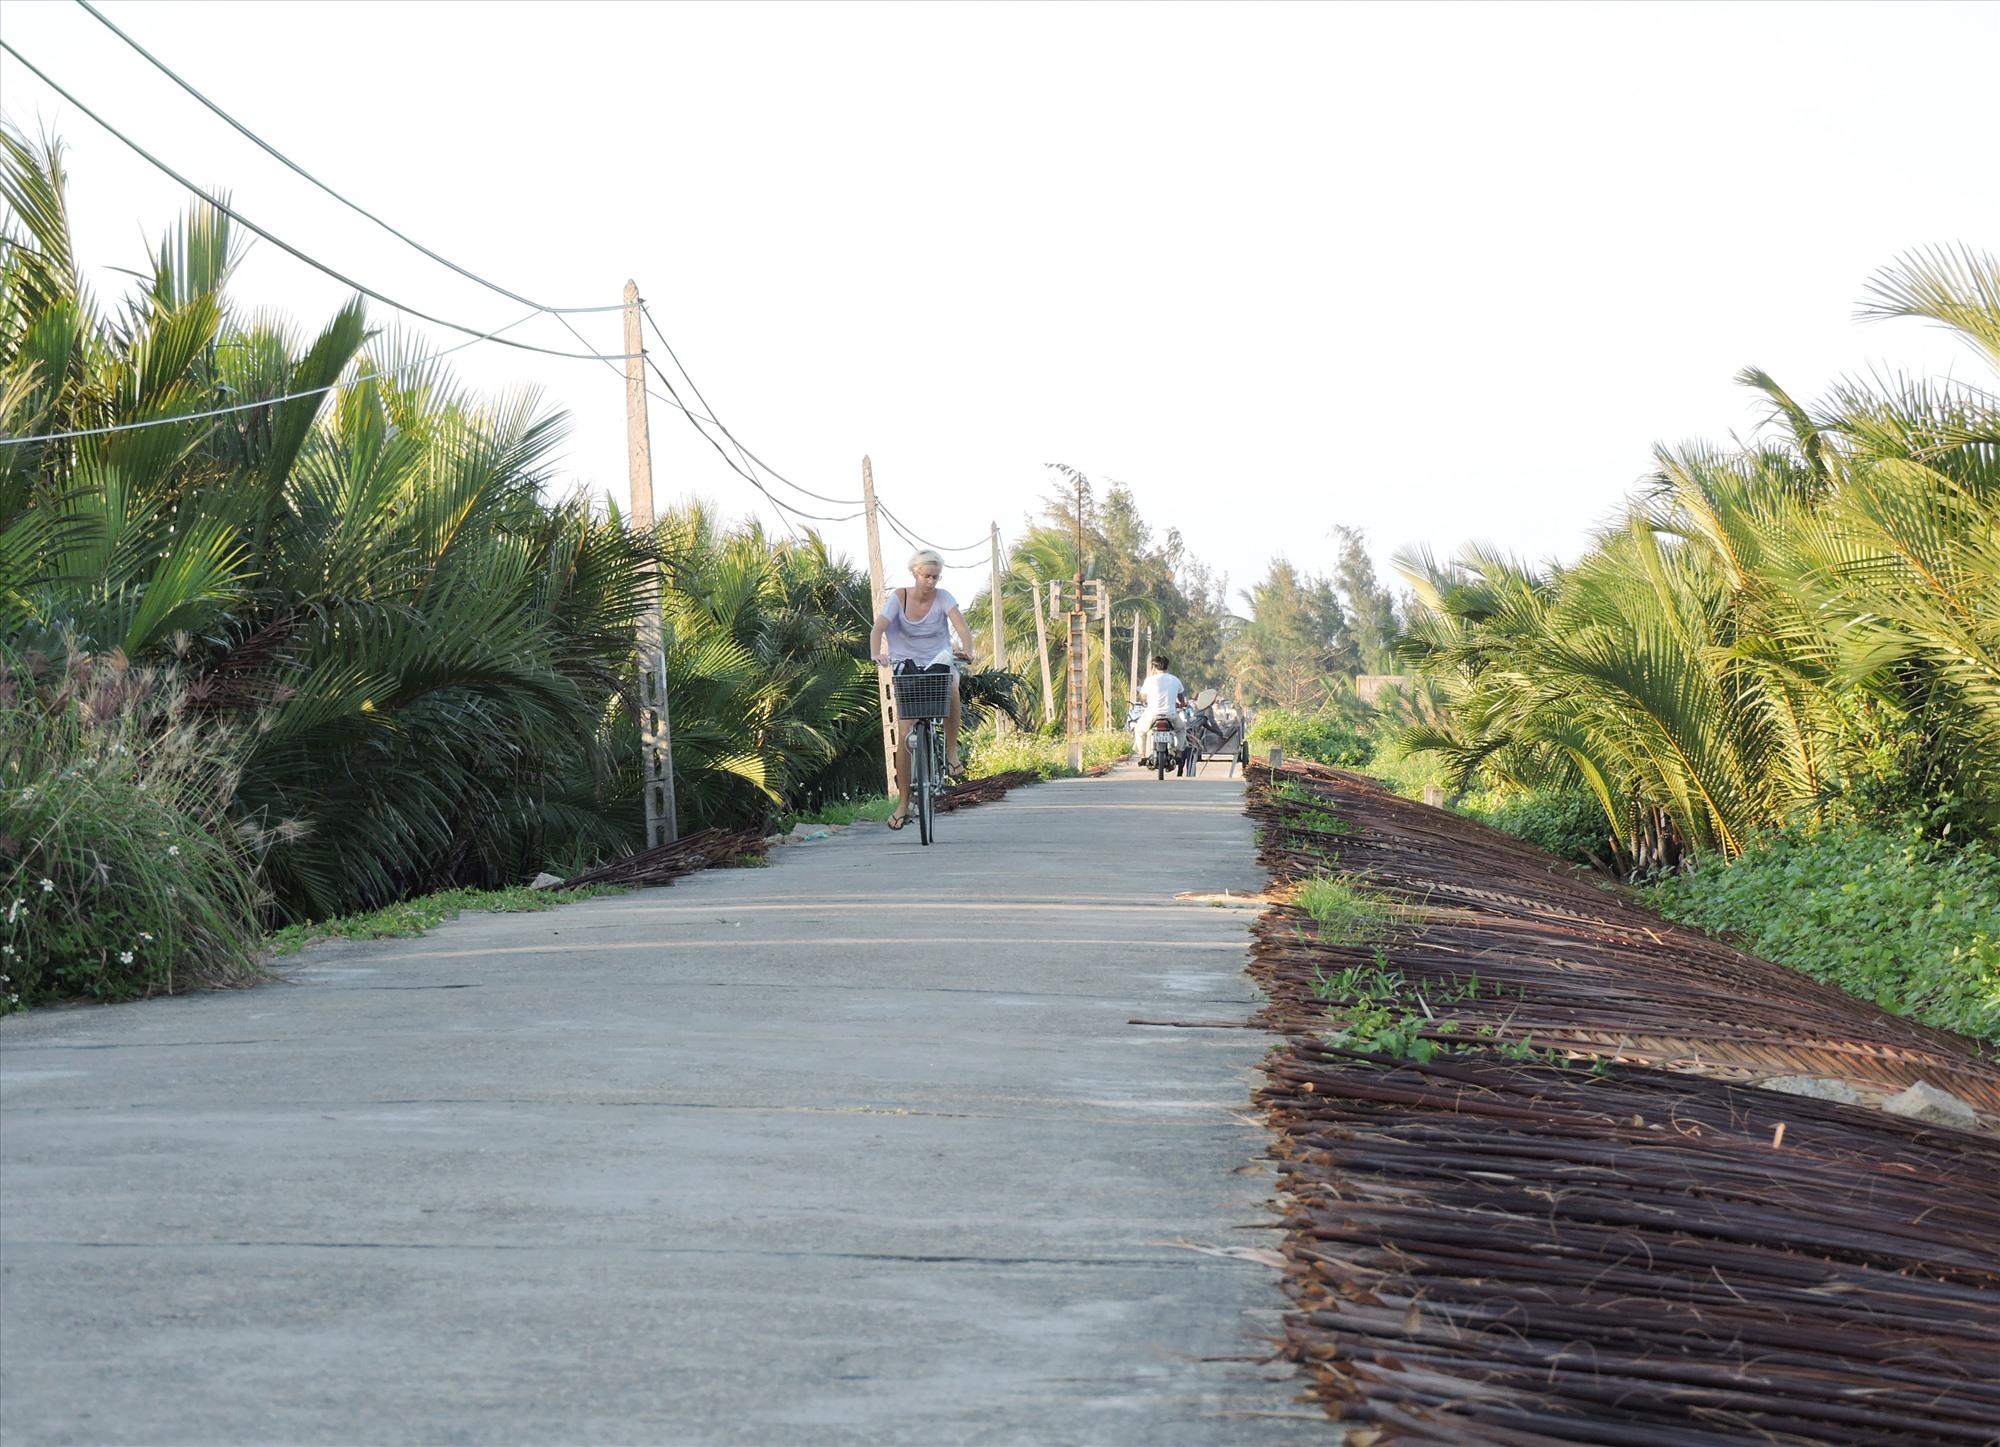 Bình yên vùng dừa nước Cẩm Thanh. Ảnh: P.T.T.L